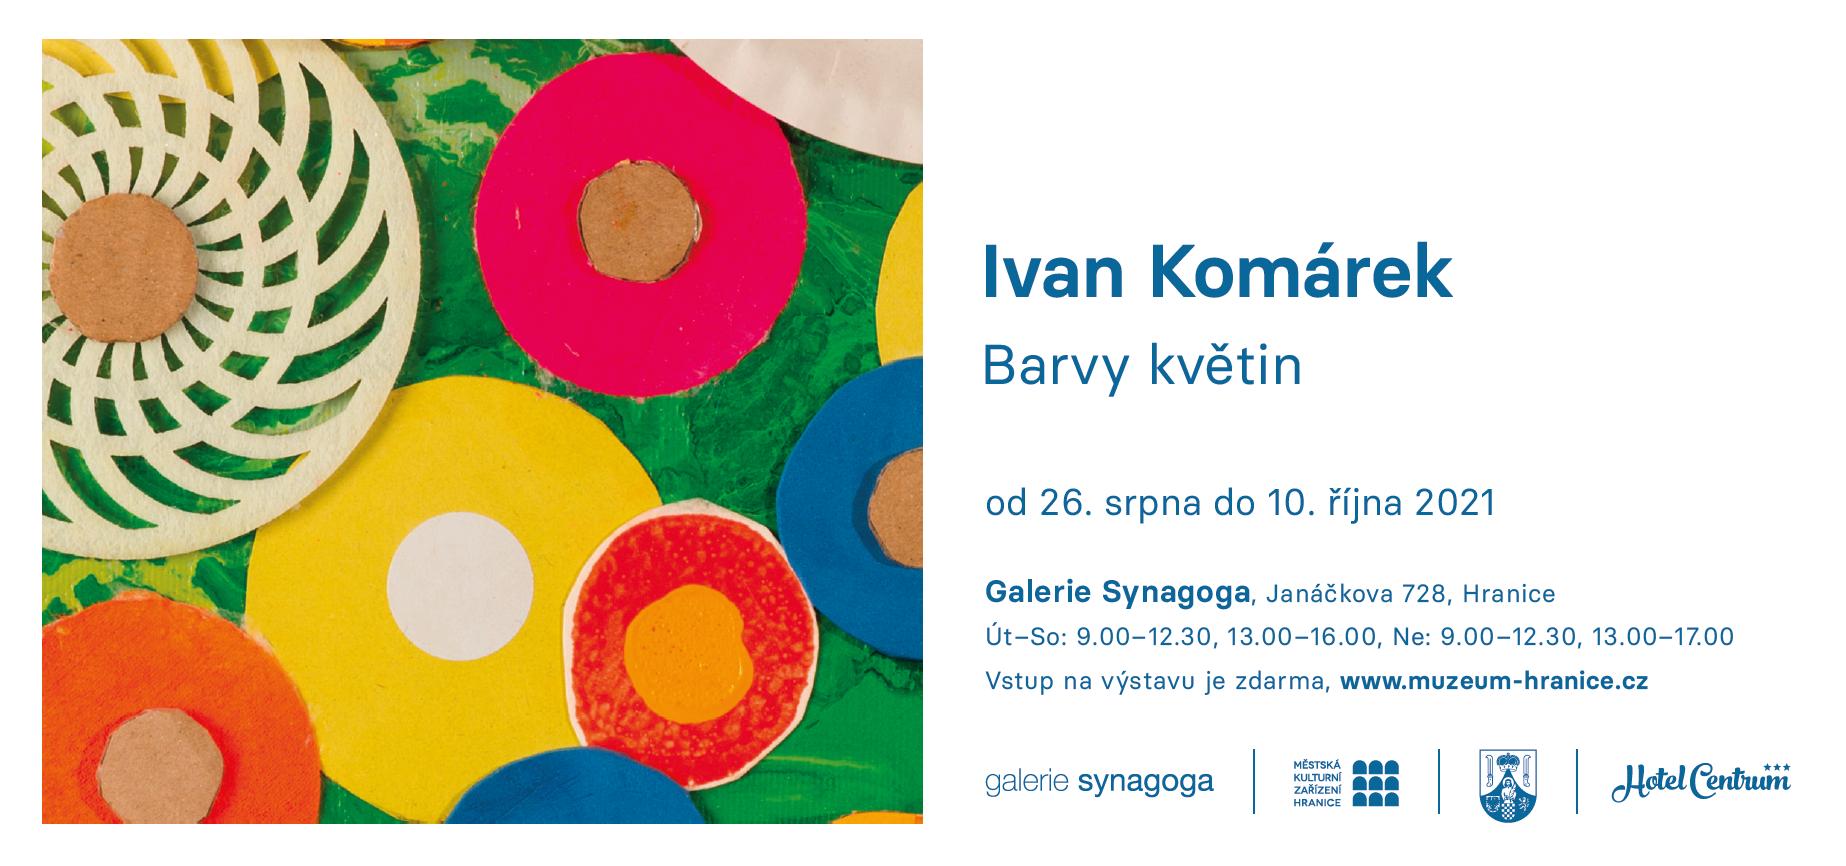 Pozvánka na výstavu Ivana Komárka